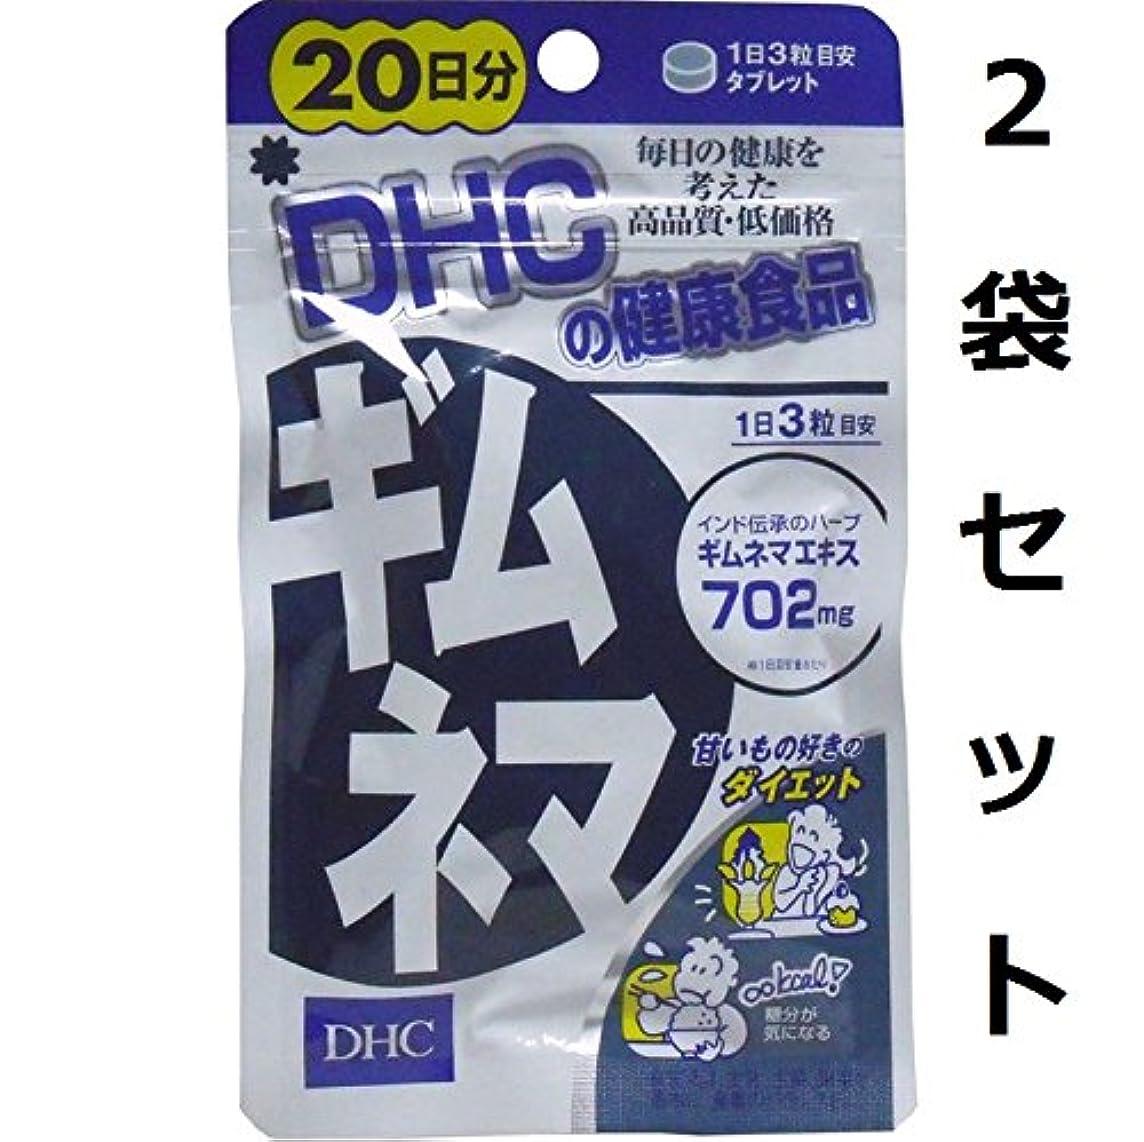 受け入れる思いやり溝我慢せずに余分な糖分をブロック DHC ギムネマ 20日分 60粒 2袋セット